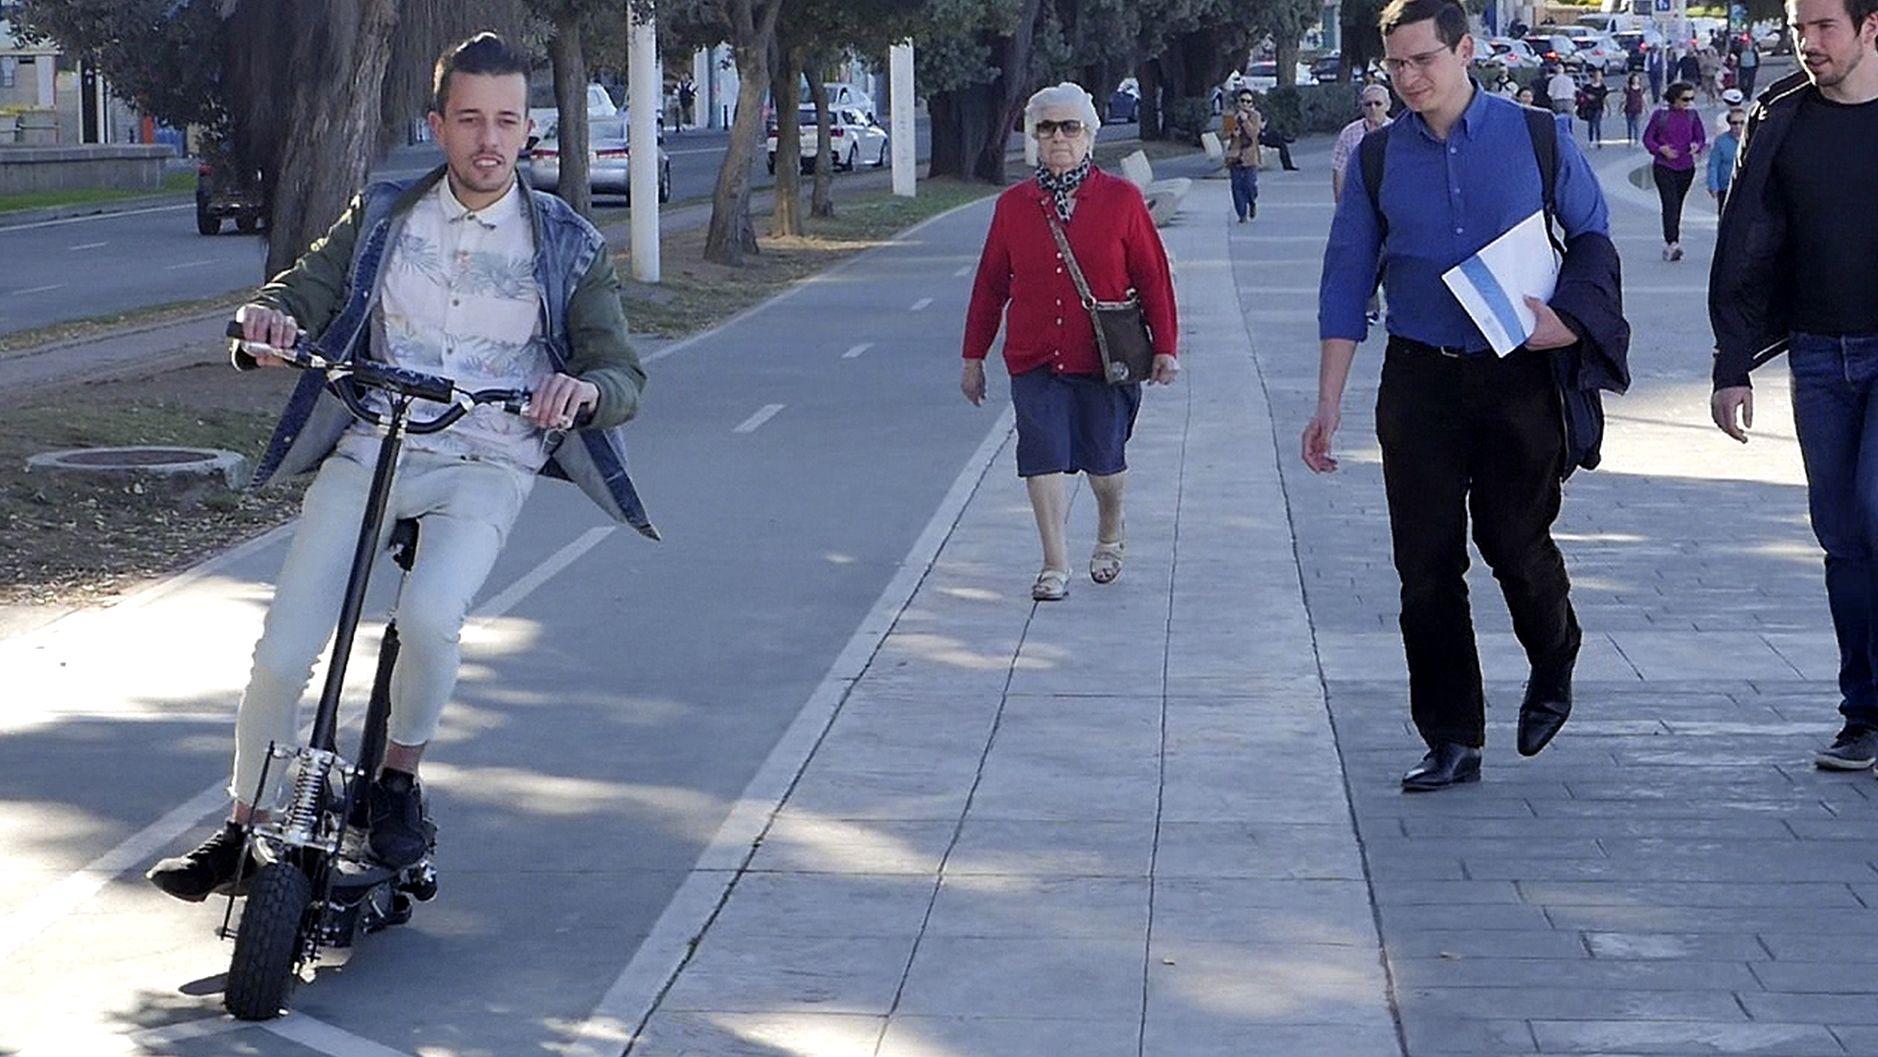 <span lang= gl >«Que futuro lle podo dar aos meus fillos?»</span>.Alberto se mueve por A Coruña por el carril bici y las aceras. Admite que alguna vez ha ido por el asfalto